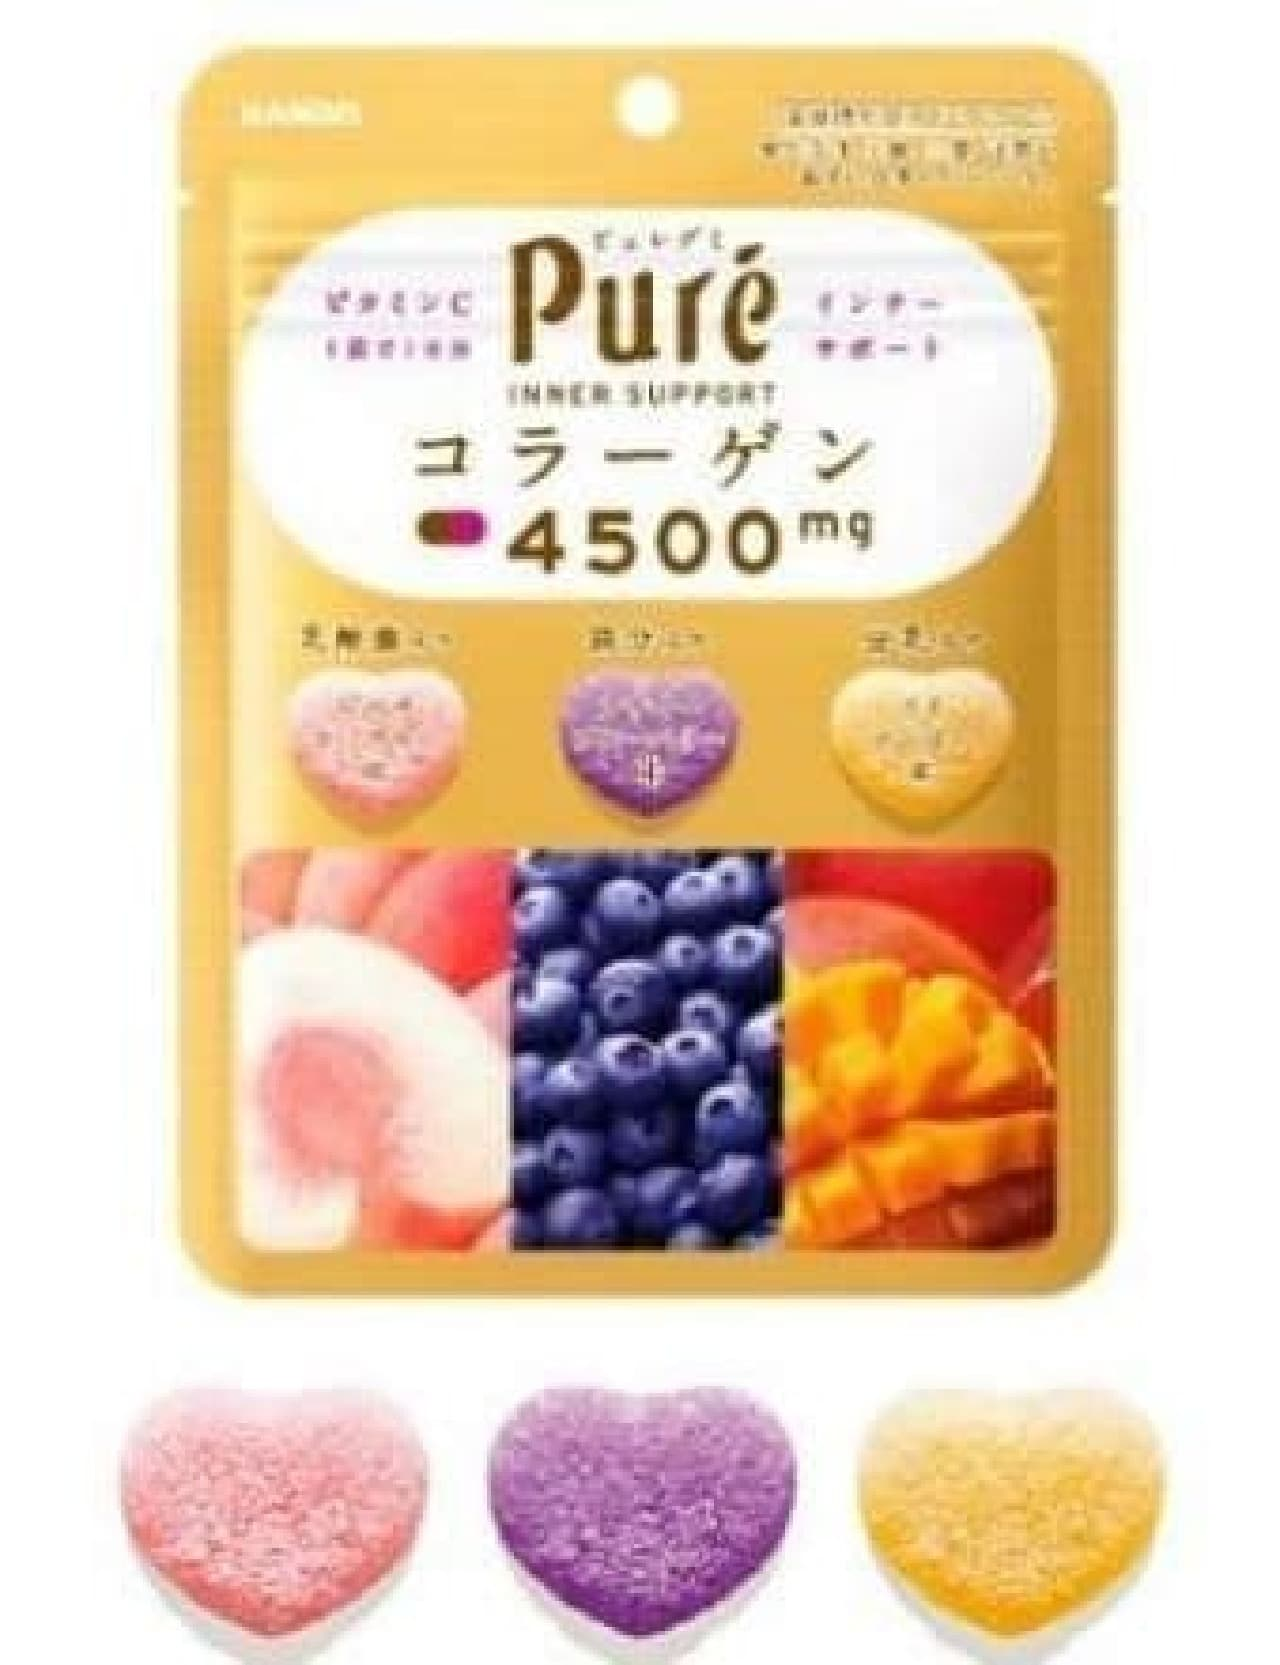 「ピュレグミ インナーサポート」は、1袋で3種の味を楽しめるピュレグミ初の3種アソートタイプグミ